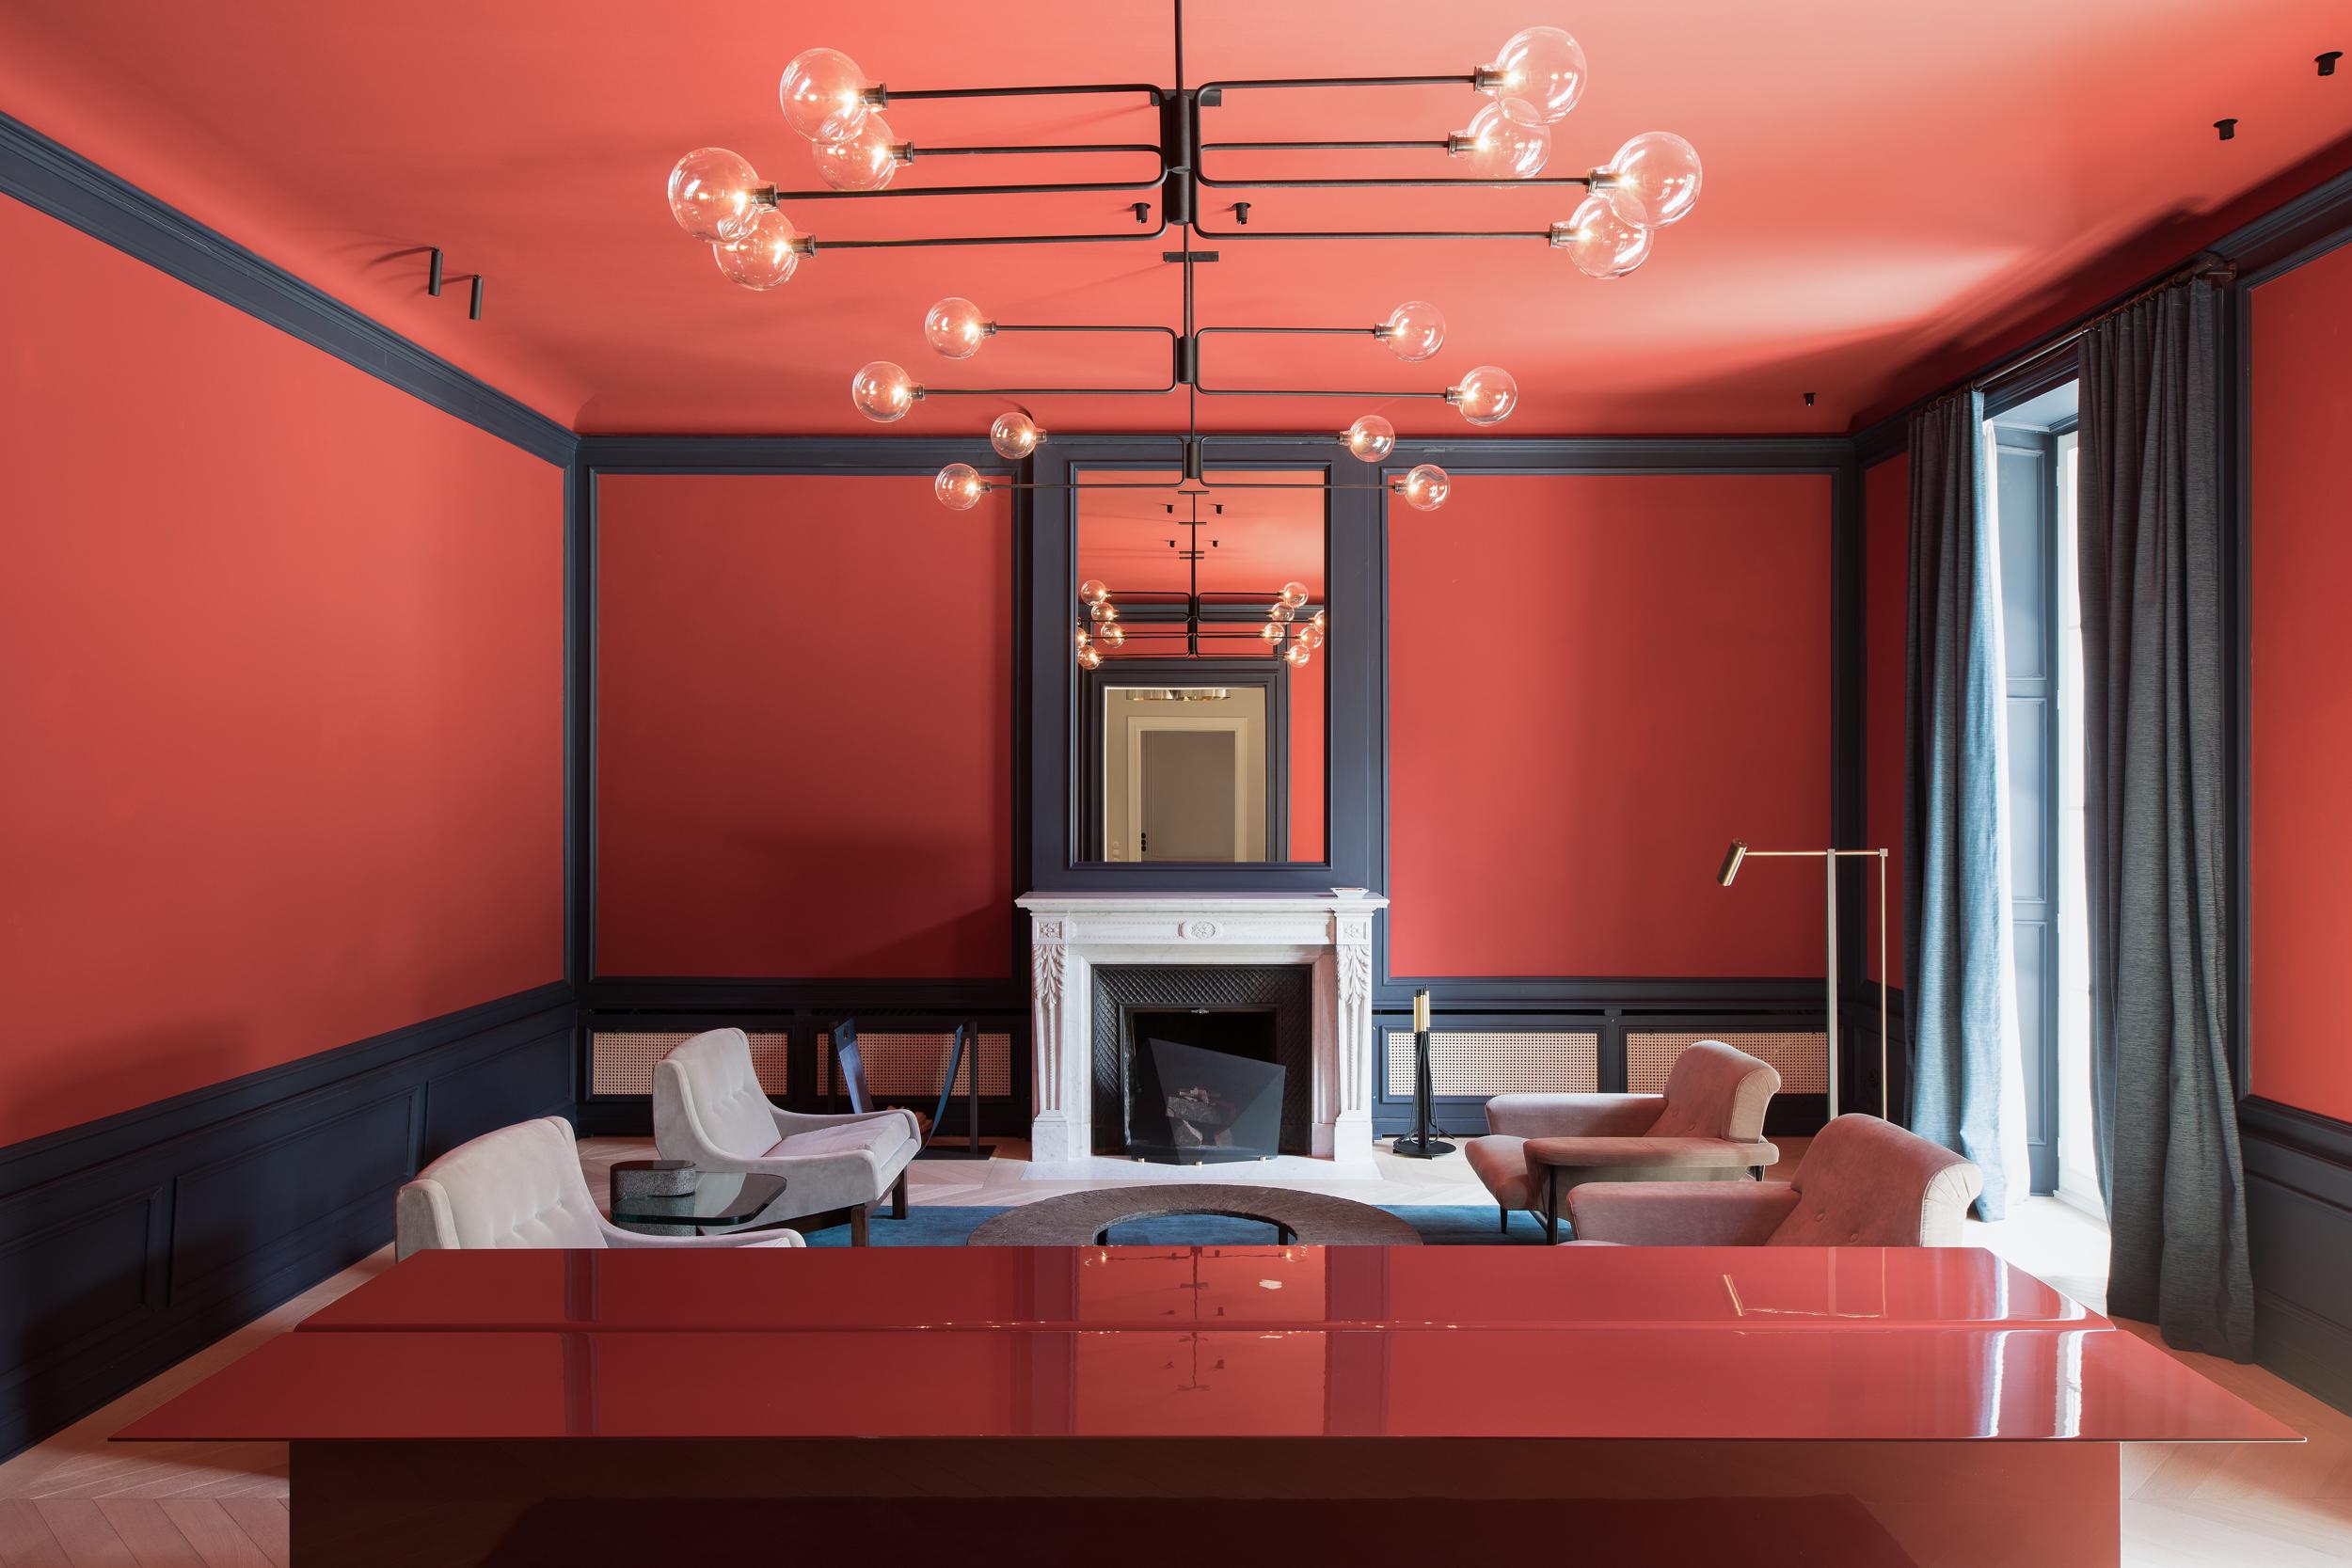 Das Architekturbüro Arnold / Werner hat einer denkmalgeschützten Villa in München Bogenhausen neues Leben eingehaucht. Sie haben die Wände in Farben gestrichen, die eigens vom Unternehmen Kt.color mit einem hohen Pigmentanteil angefertigt wurden.Das gesellige Kaminzimmer wartet in einem Korallenrot auf.